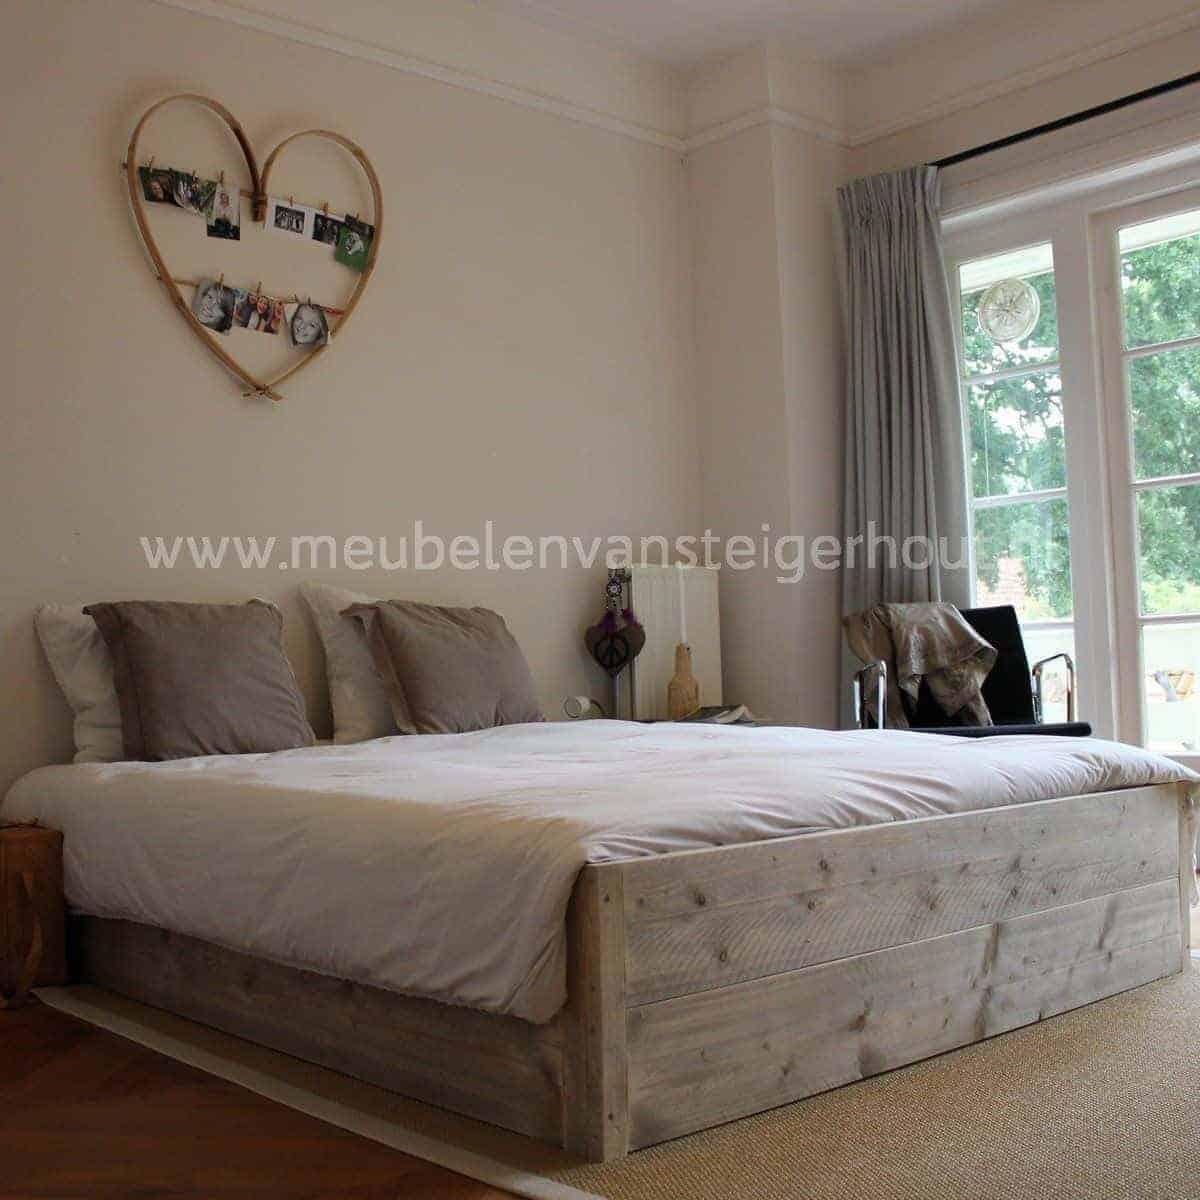 Bed steigerhout model 40 meubelen van steigerhout - Model slaapkamer ...